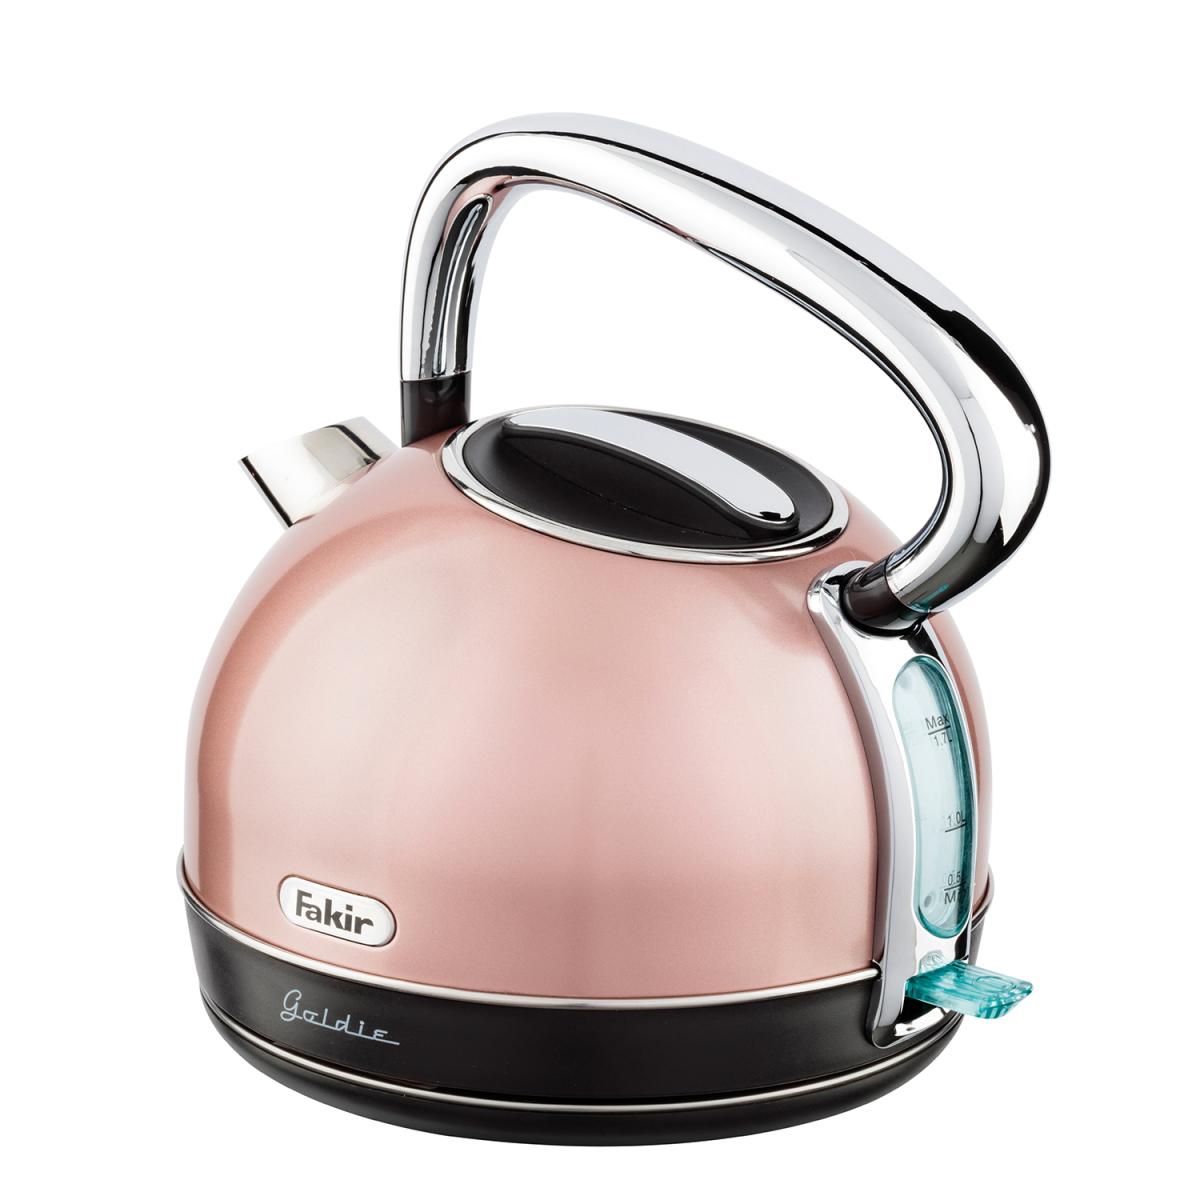 en iyi kettle modelleri ve fiyatları